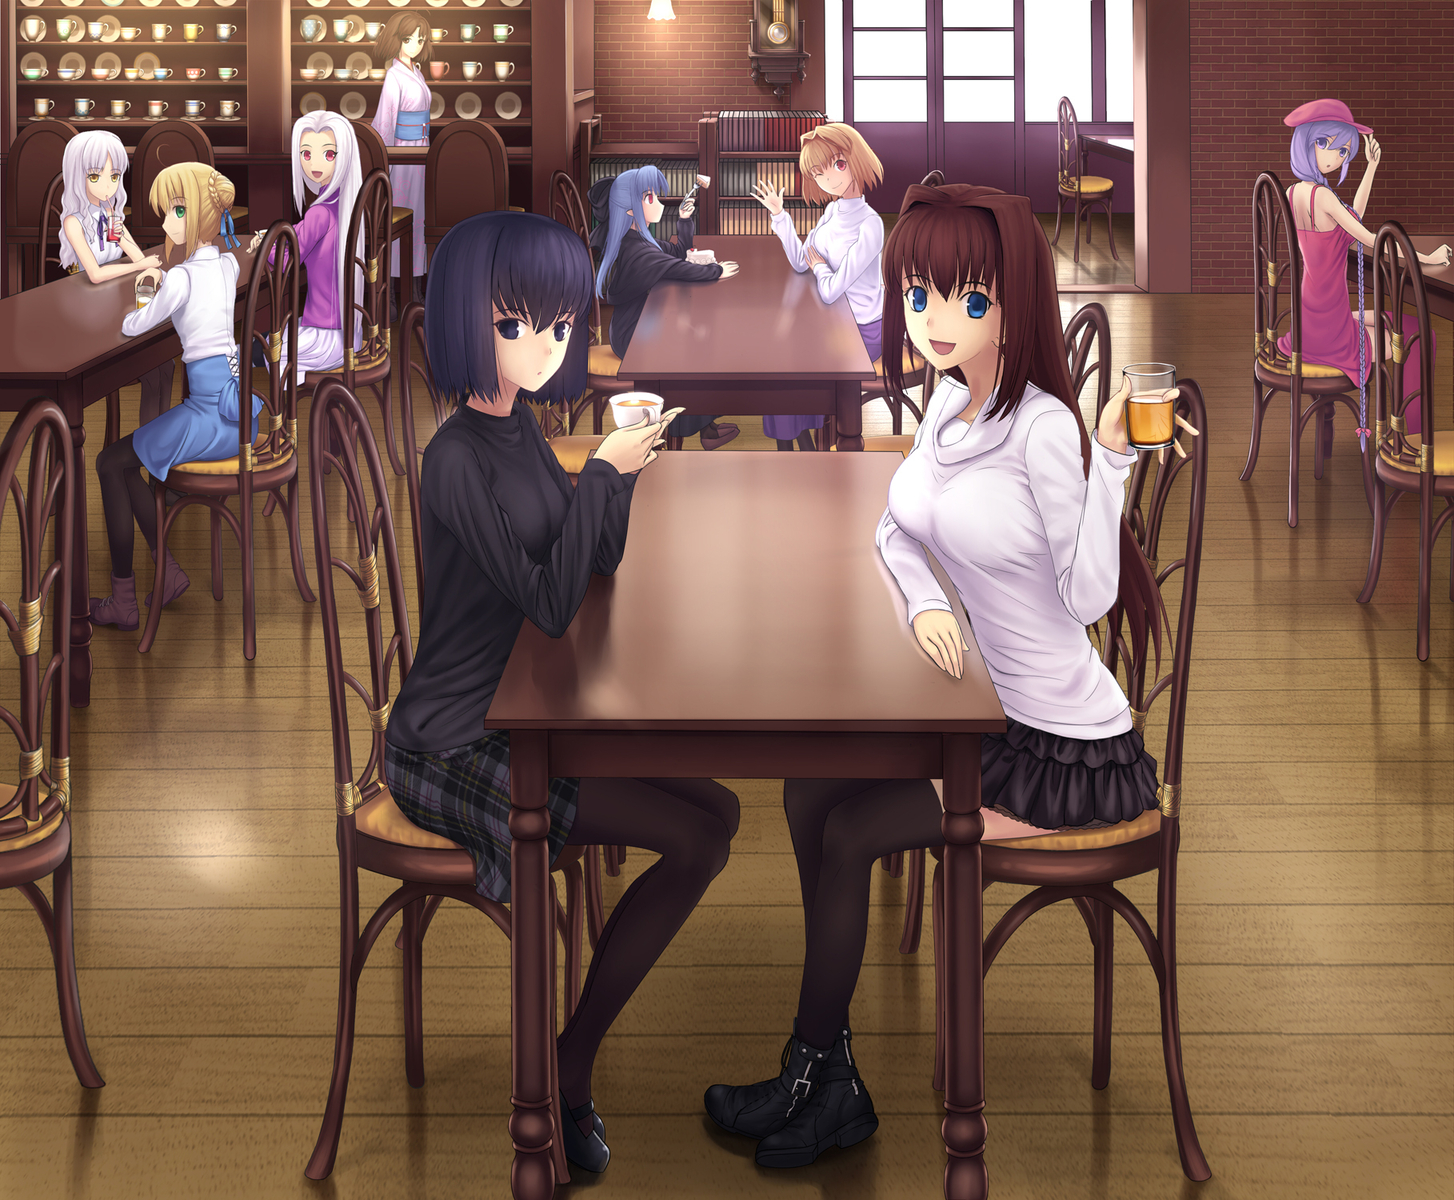 aozaki_aoko arcueid_brunestud cake caren_hortensia crossover drink fate/hollow_ataraxia fate_(series) fate/stay_night fate/zero food group irisviel_von_einzbern kara_no_kyoukai kuonji_alice len mahou_tsukai_no_yoru melty_blood ryougi_shiki saber shingetsutan_tsukihime sion_eltnam_atlasia tsukikanade